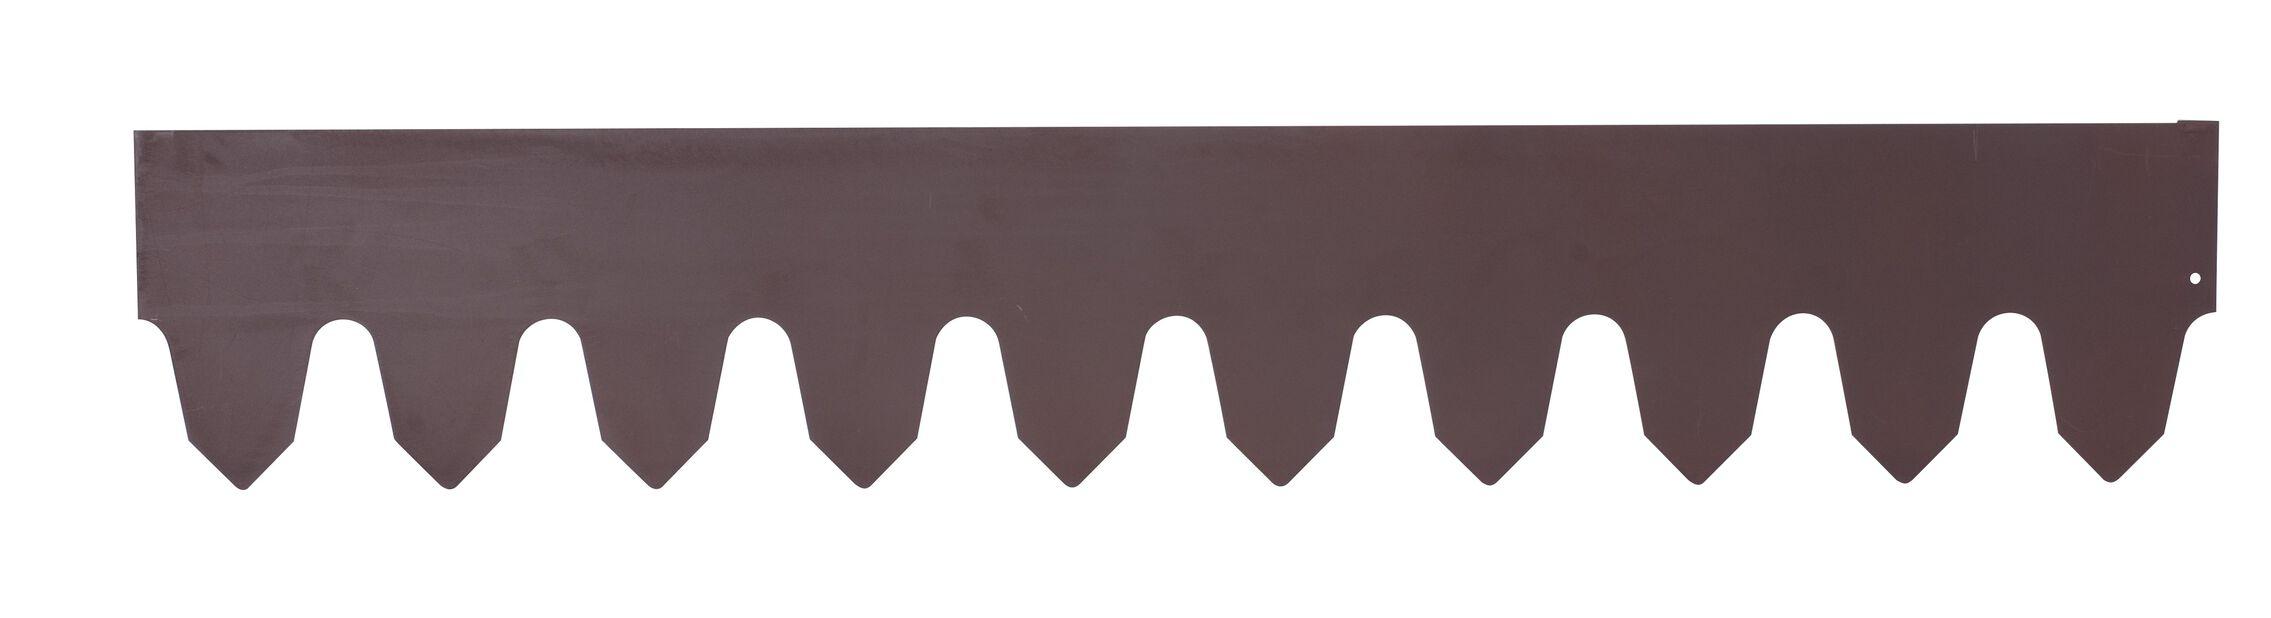 Plenkant, Lengde 400 cm, Rust